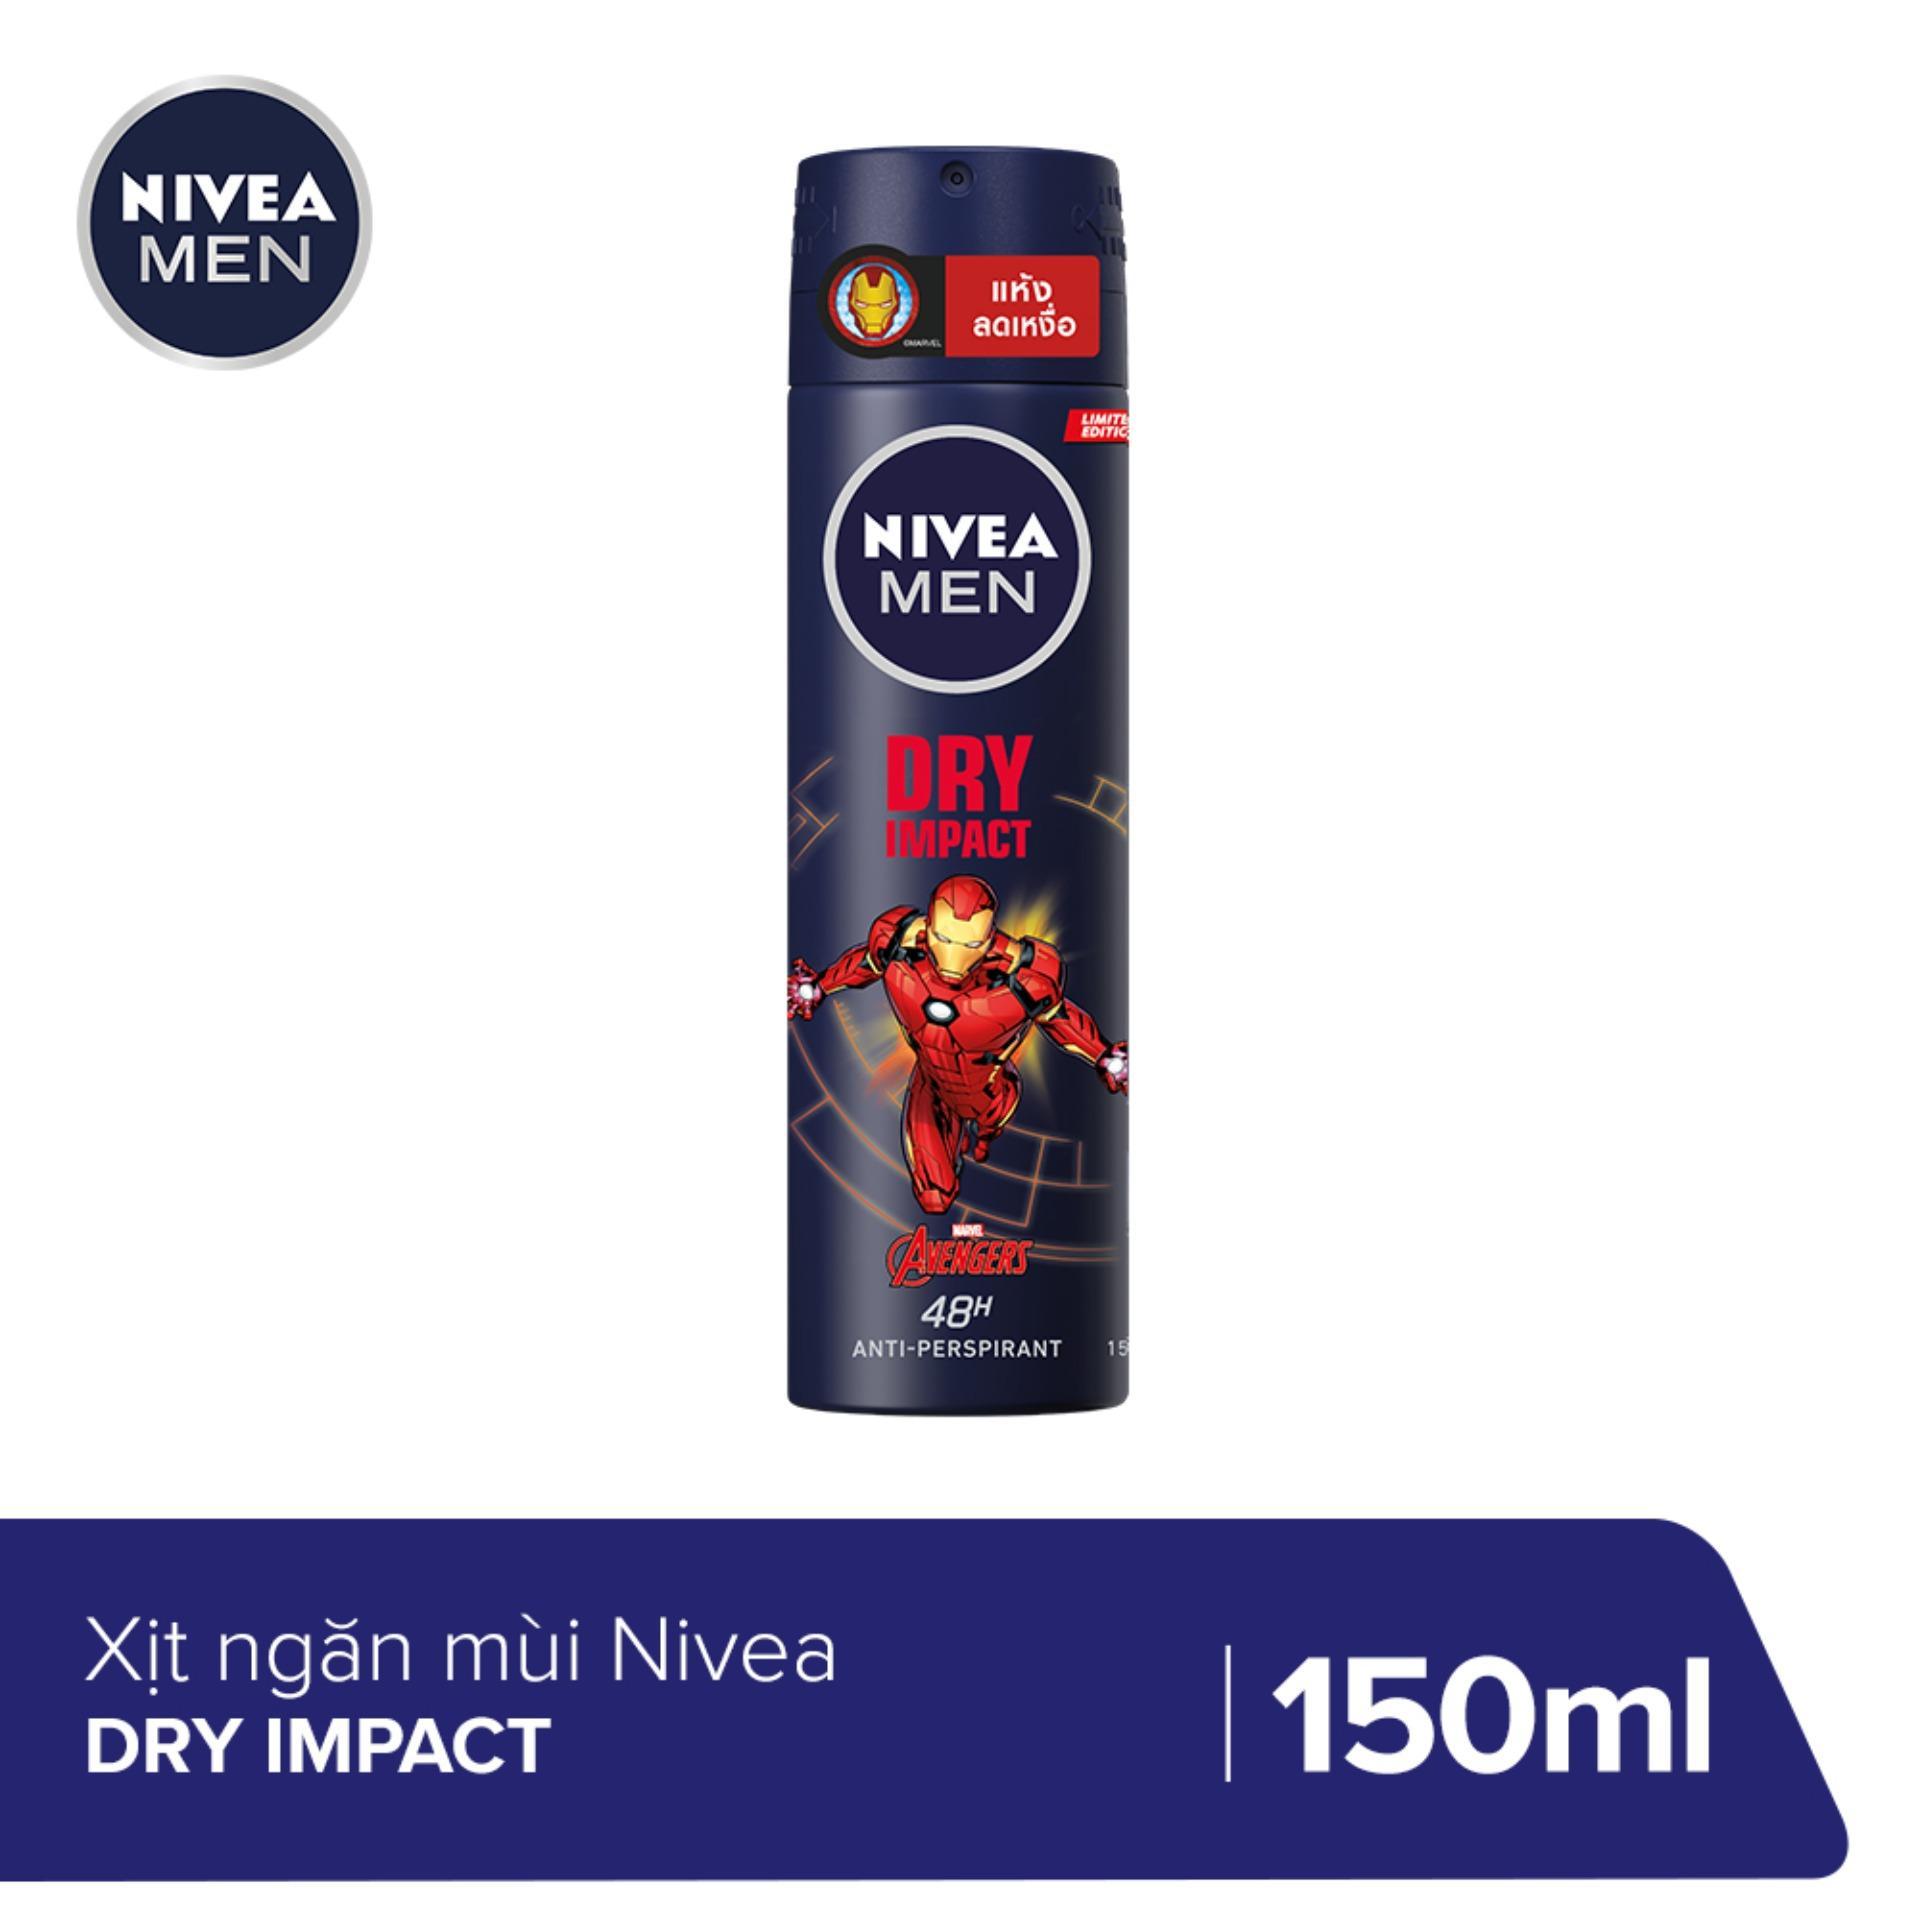 Xịt ngăn mùi NIVEA MEN Dry Impact Khô Thoáng Tức Thì (150ml) - 81602 (Phiên bản giới hạn Iron Man) nhập khẩu